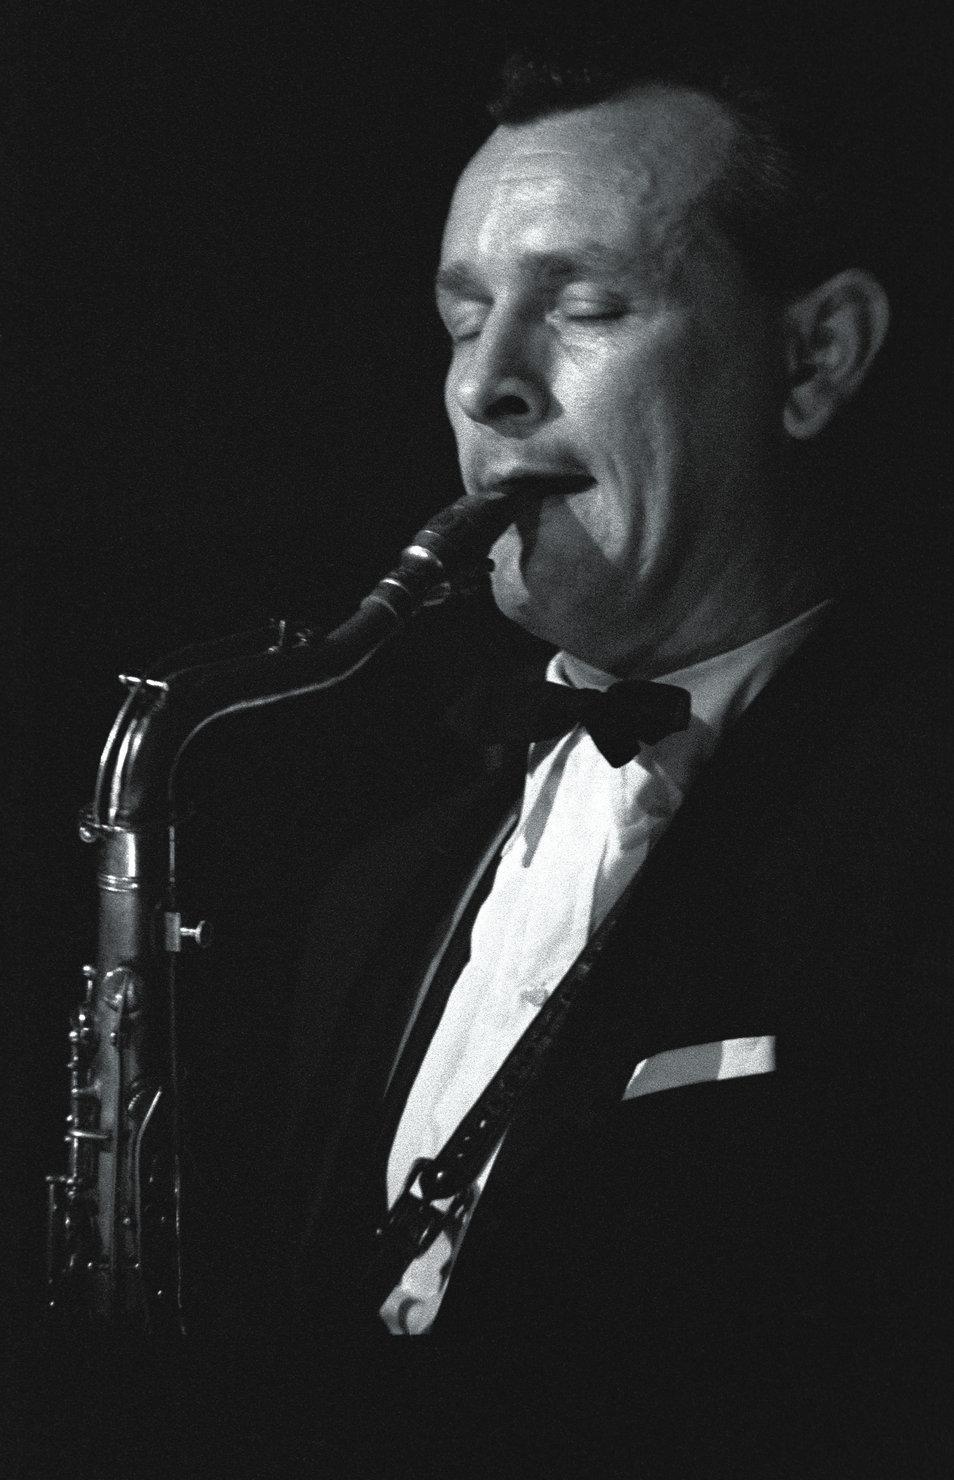 Jimmy Giuffre